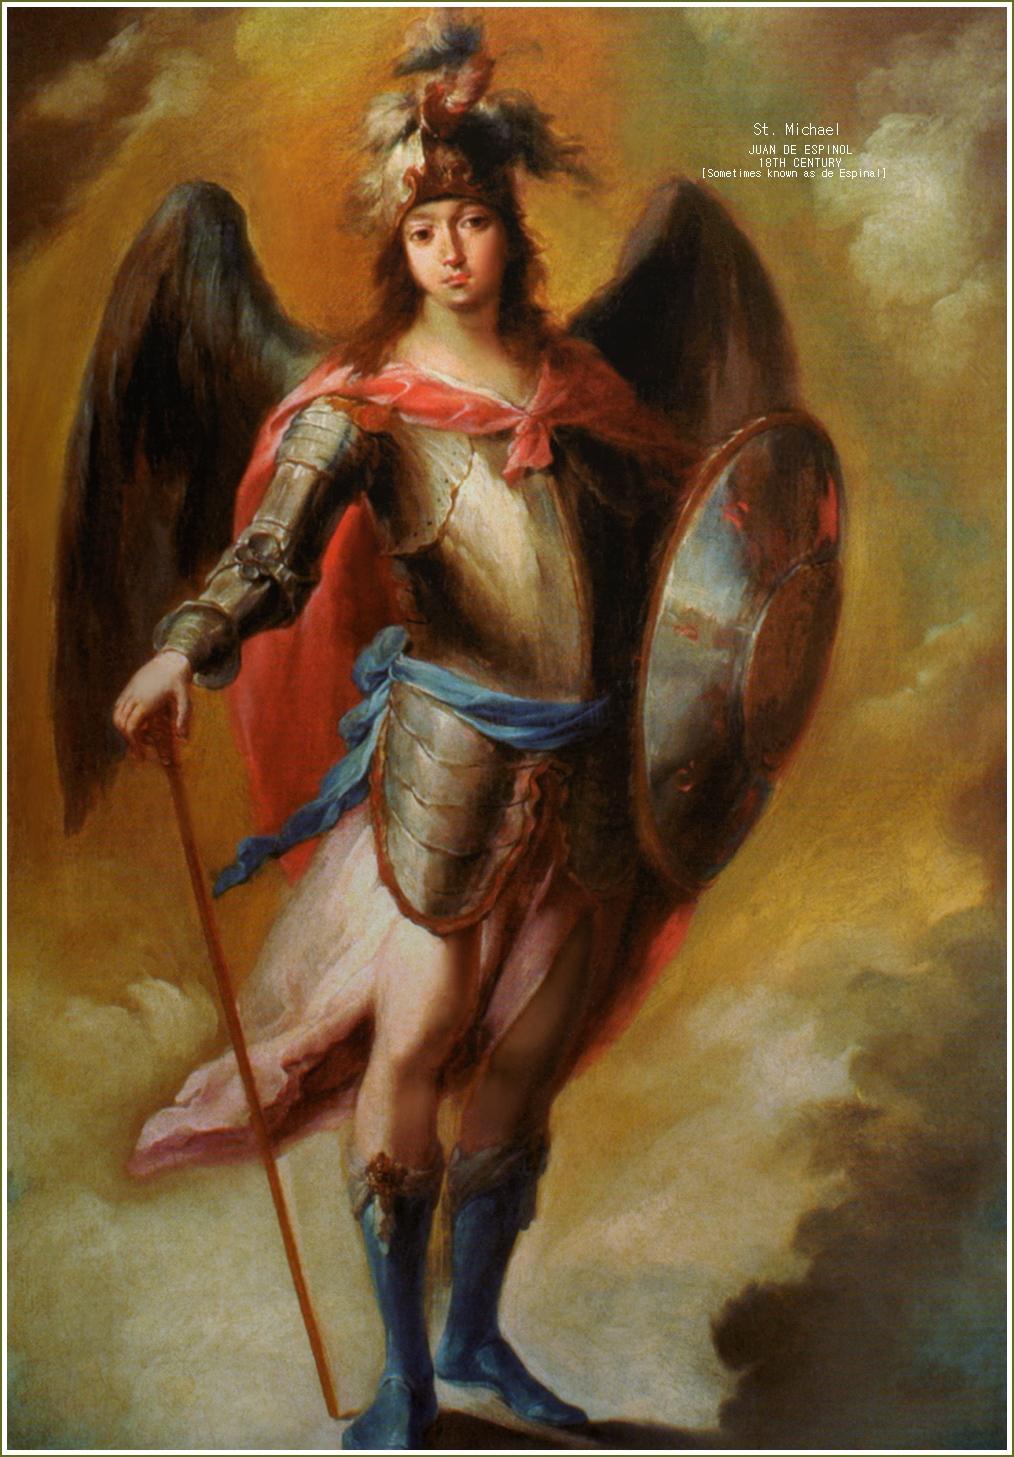 L'Arcangelo Michele dans immagini sacre archangel-michael19